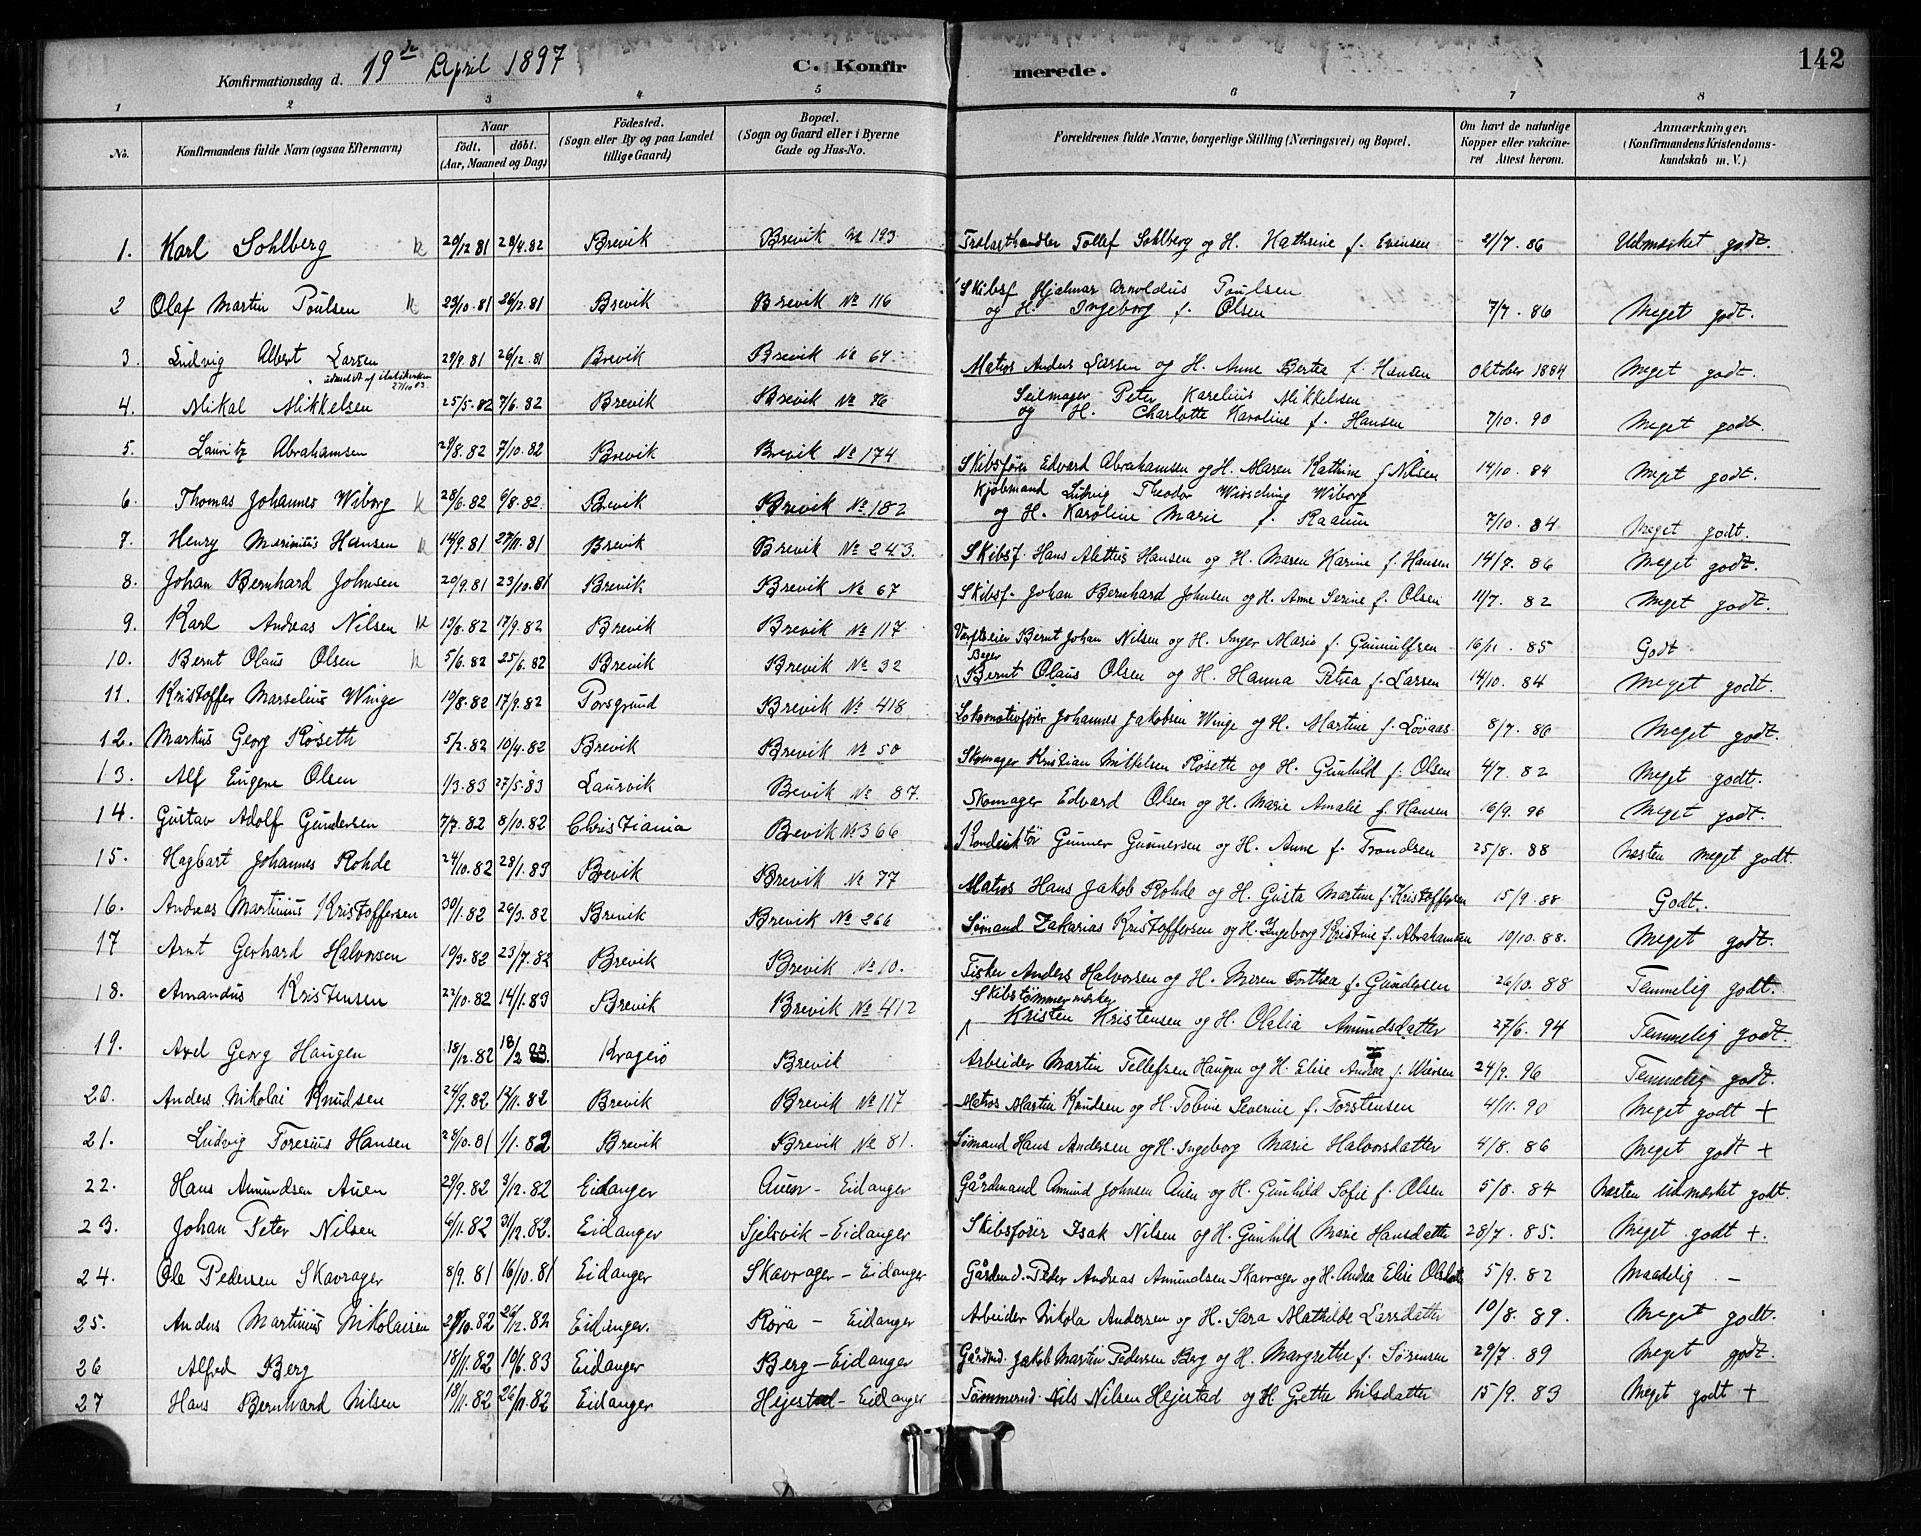 SAKO, Brevik kirkebøker, F/Fa/L0007: Ministerialbok nr. 7, 1882-1900, s. 142